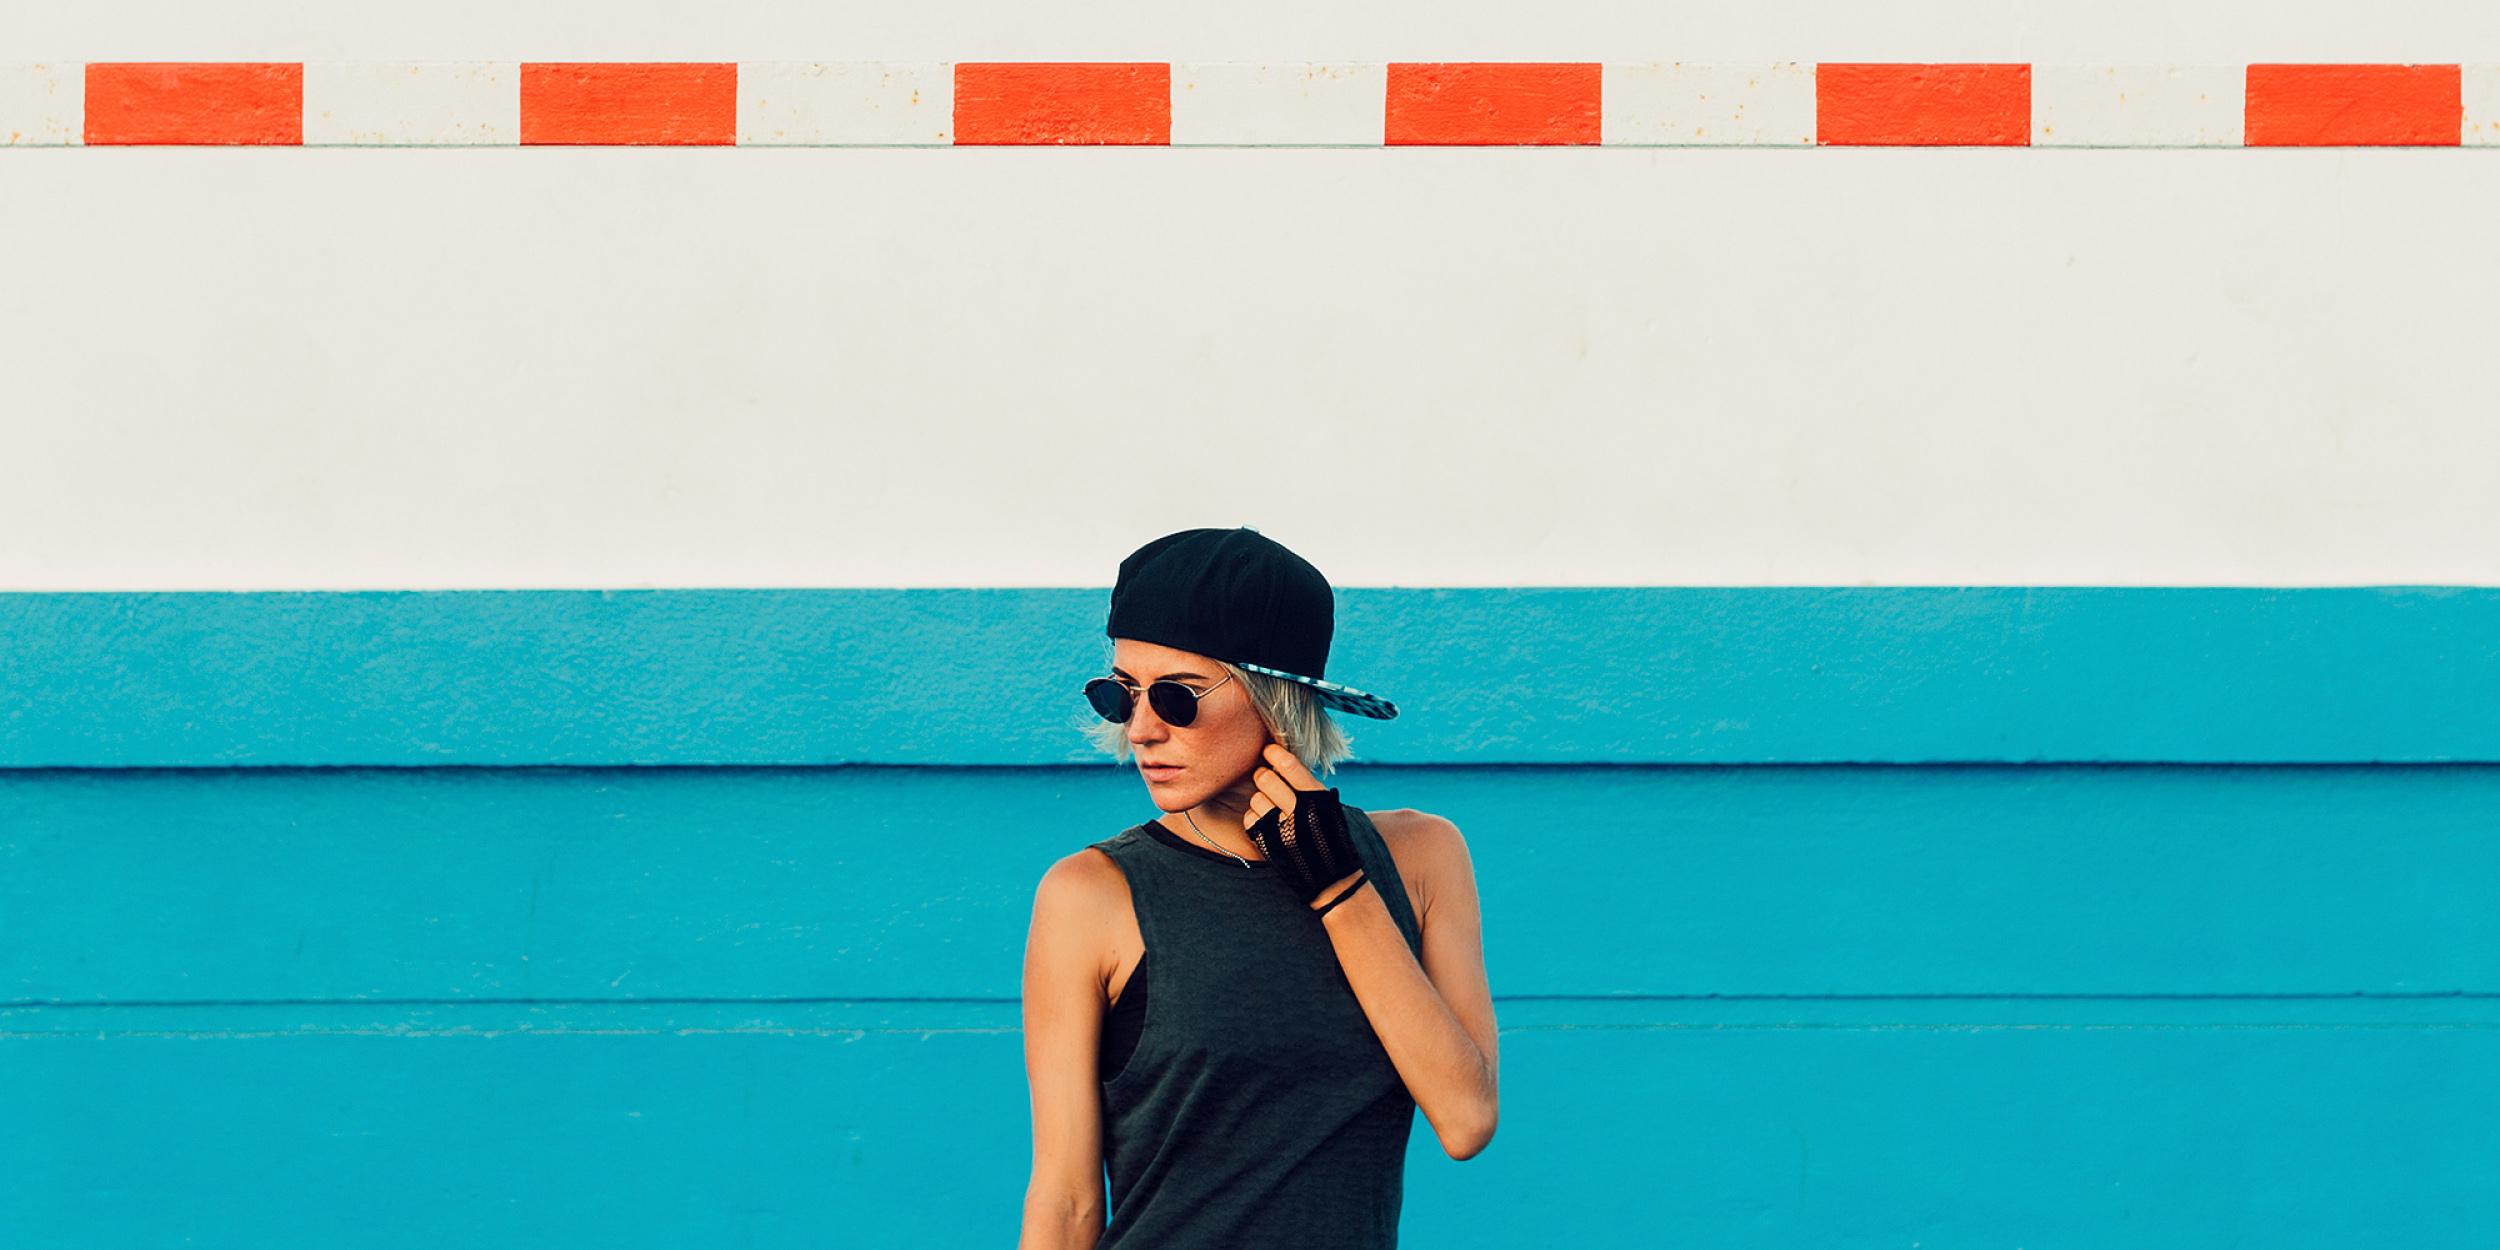 Как оставаться стильным и чувствовать себя комфортно в любой ситуации